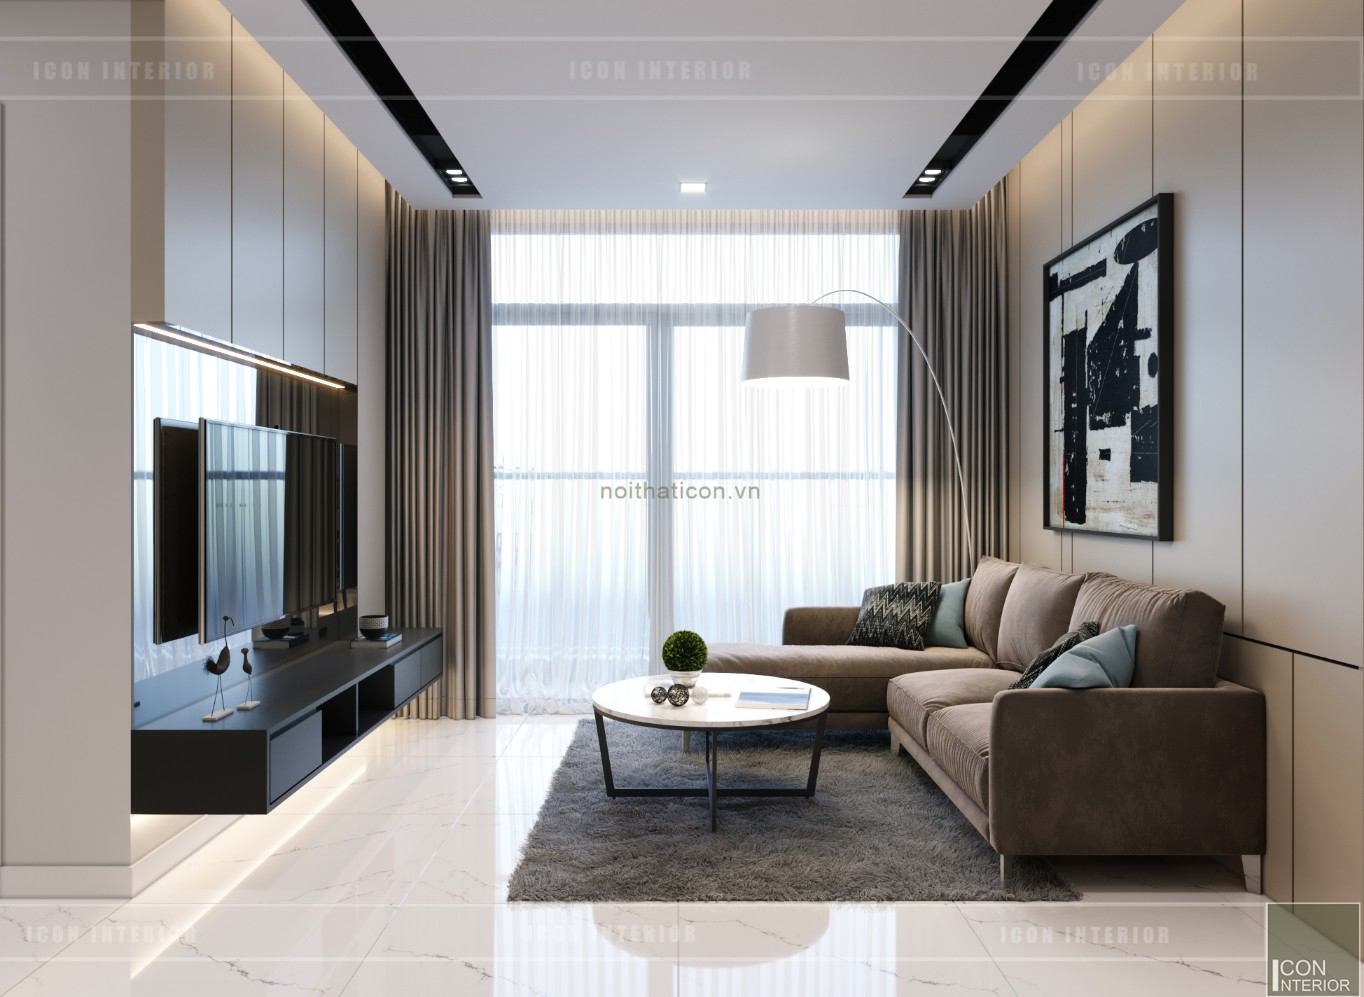 thiết kế nội thất căn hộ chung cư 90m2 - phòng khách